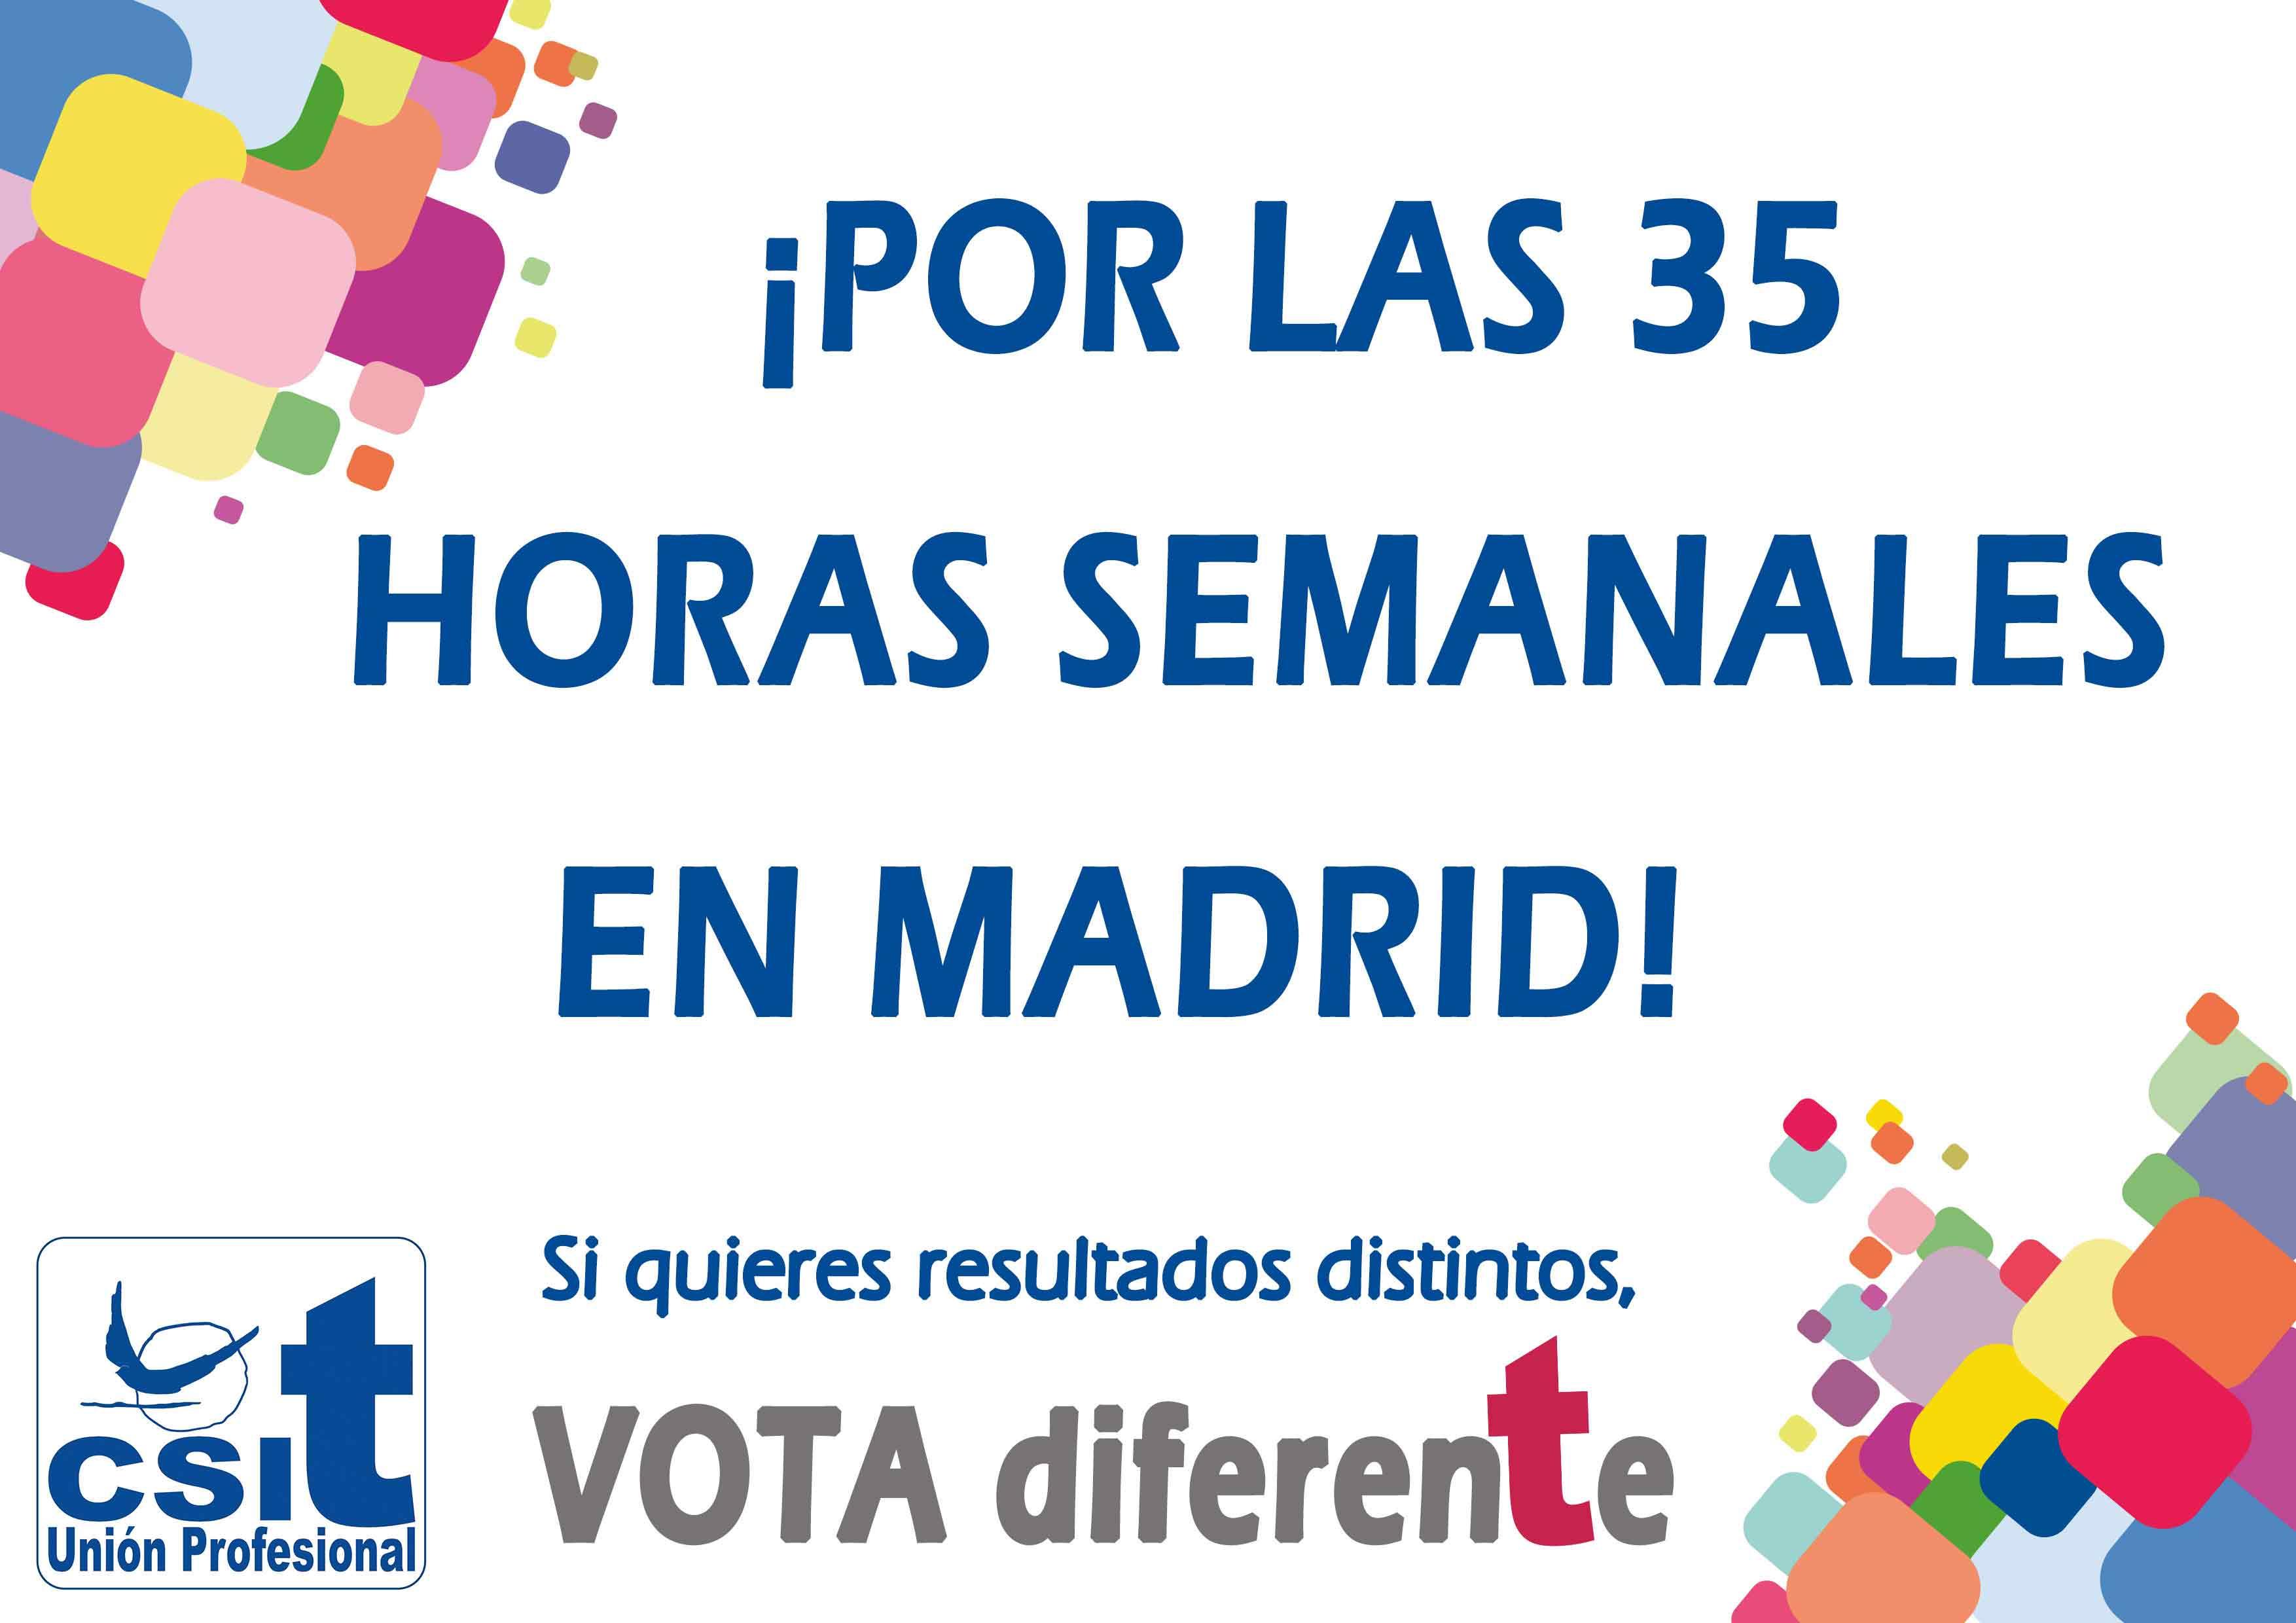 ¡Por las 35 horas semanales en Madrid!